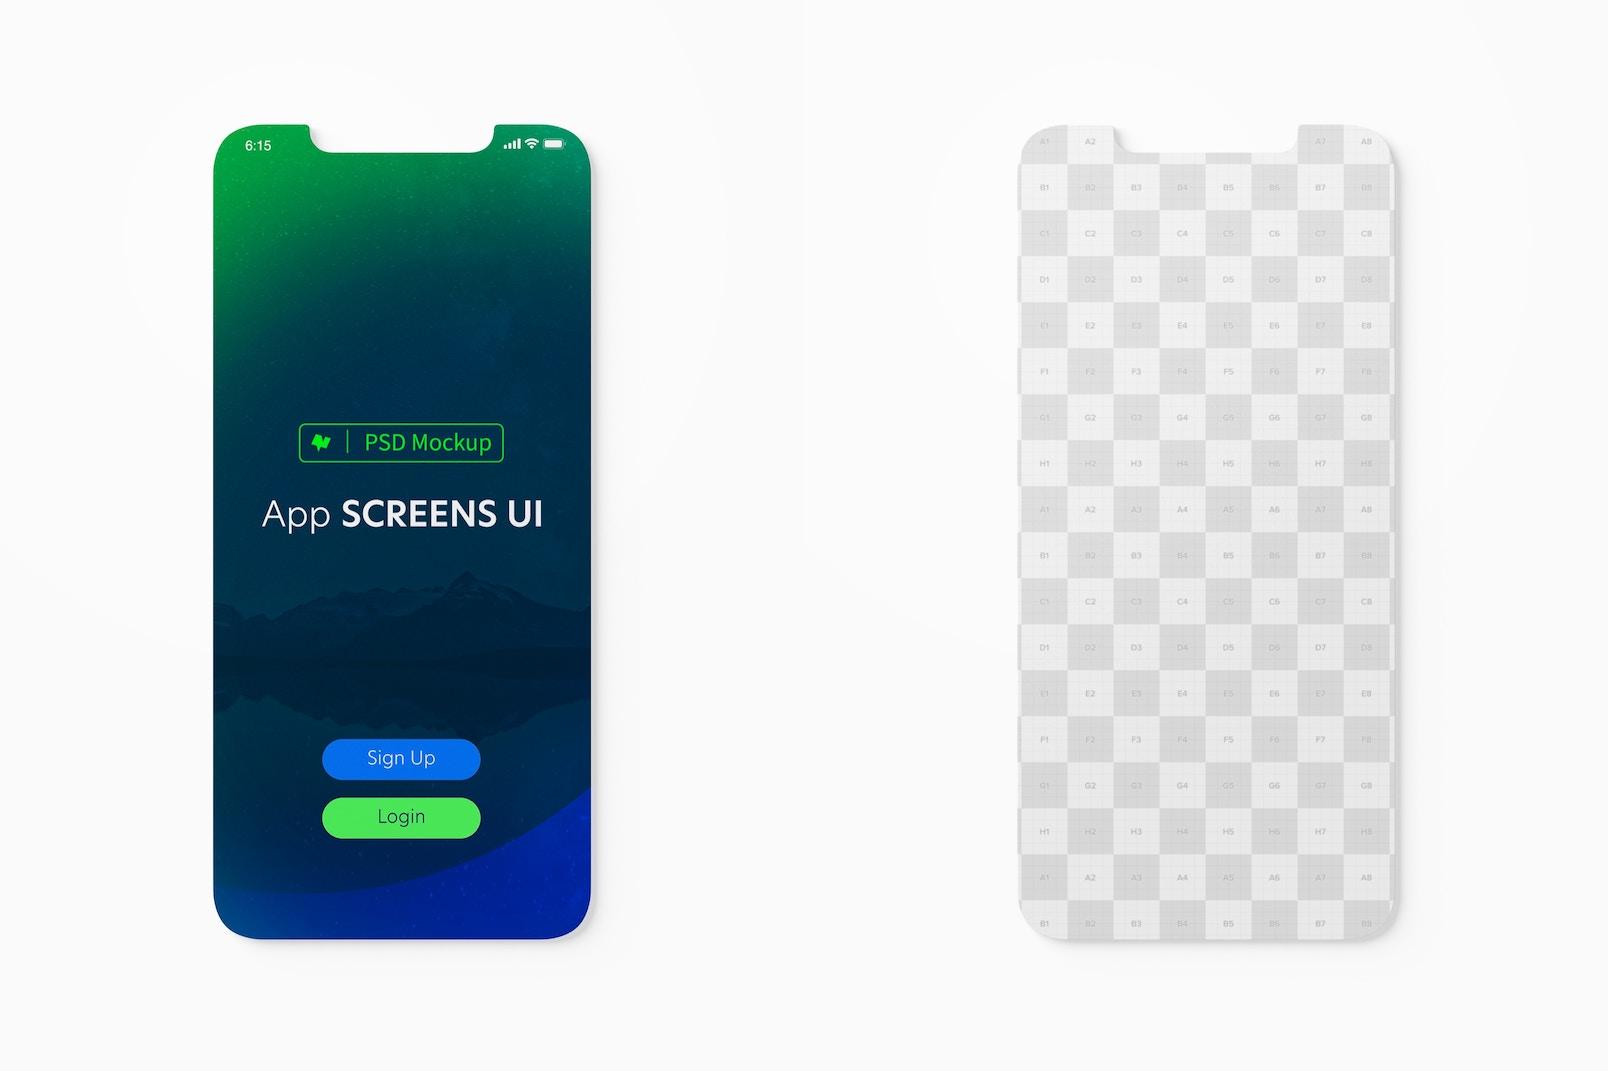 App Screens UI Mockup, Top View